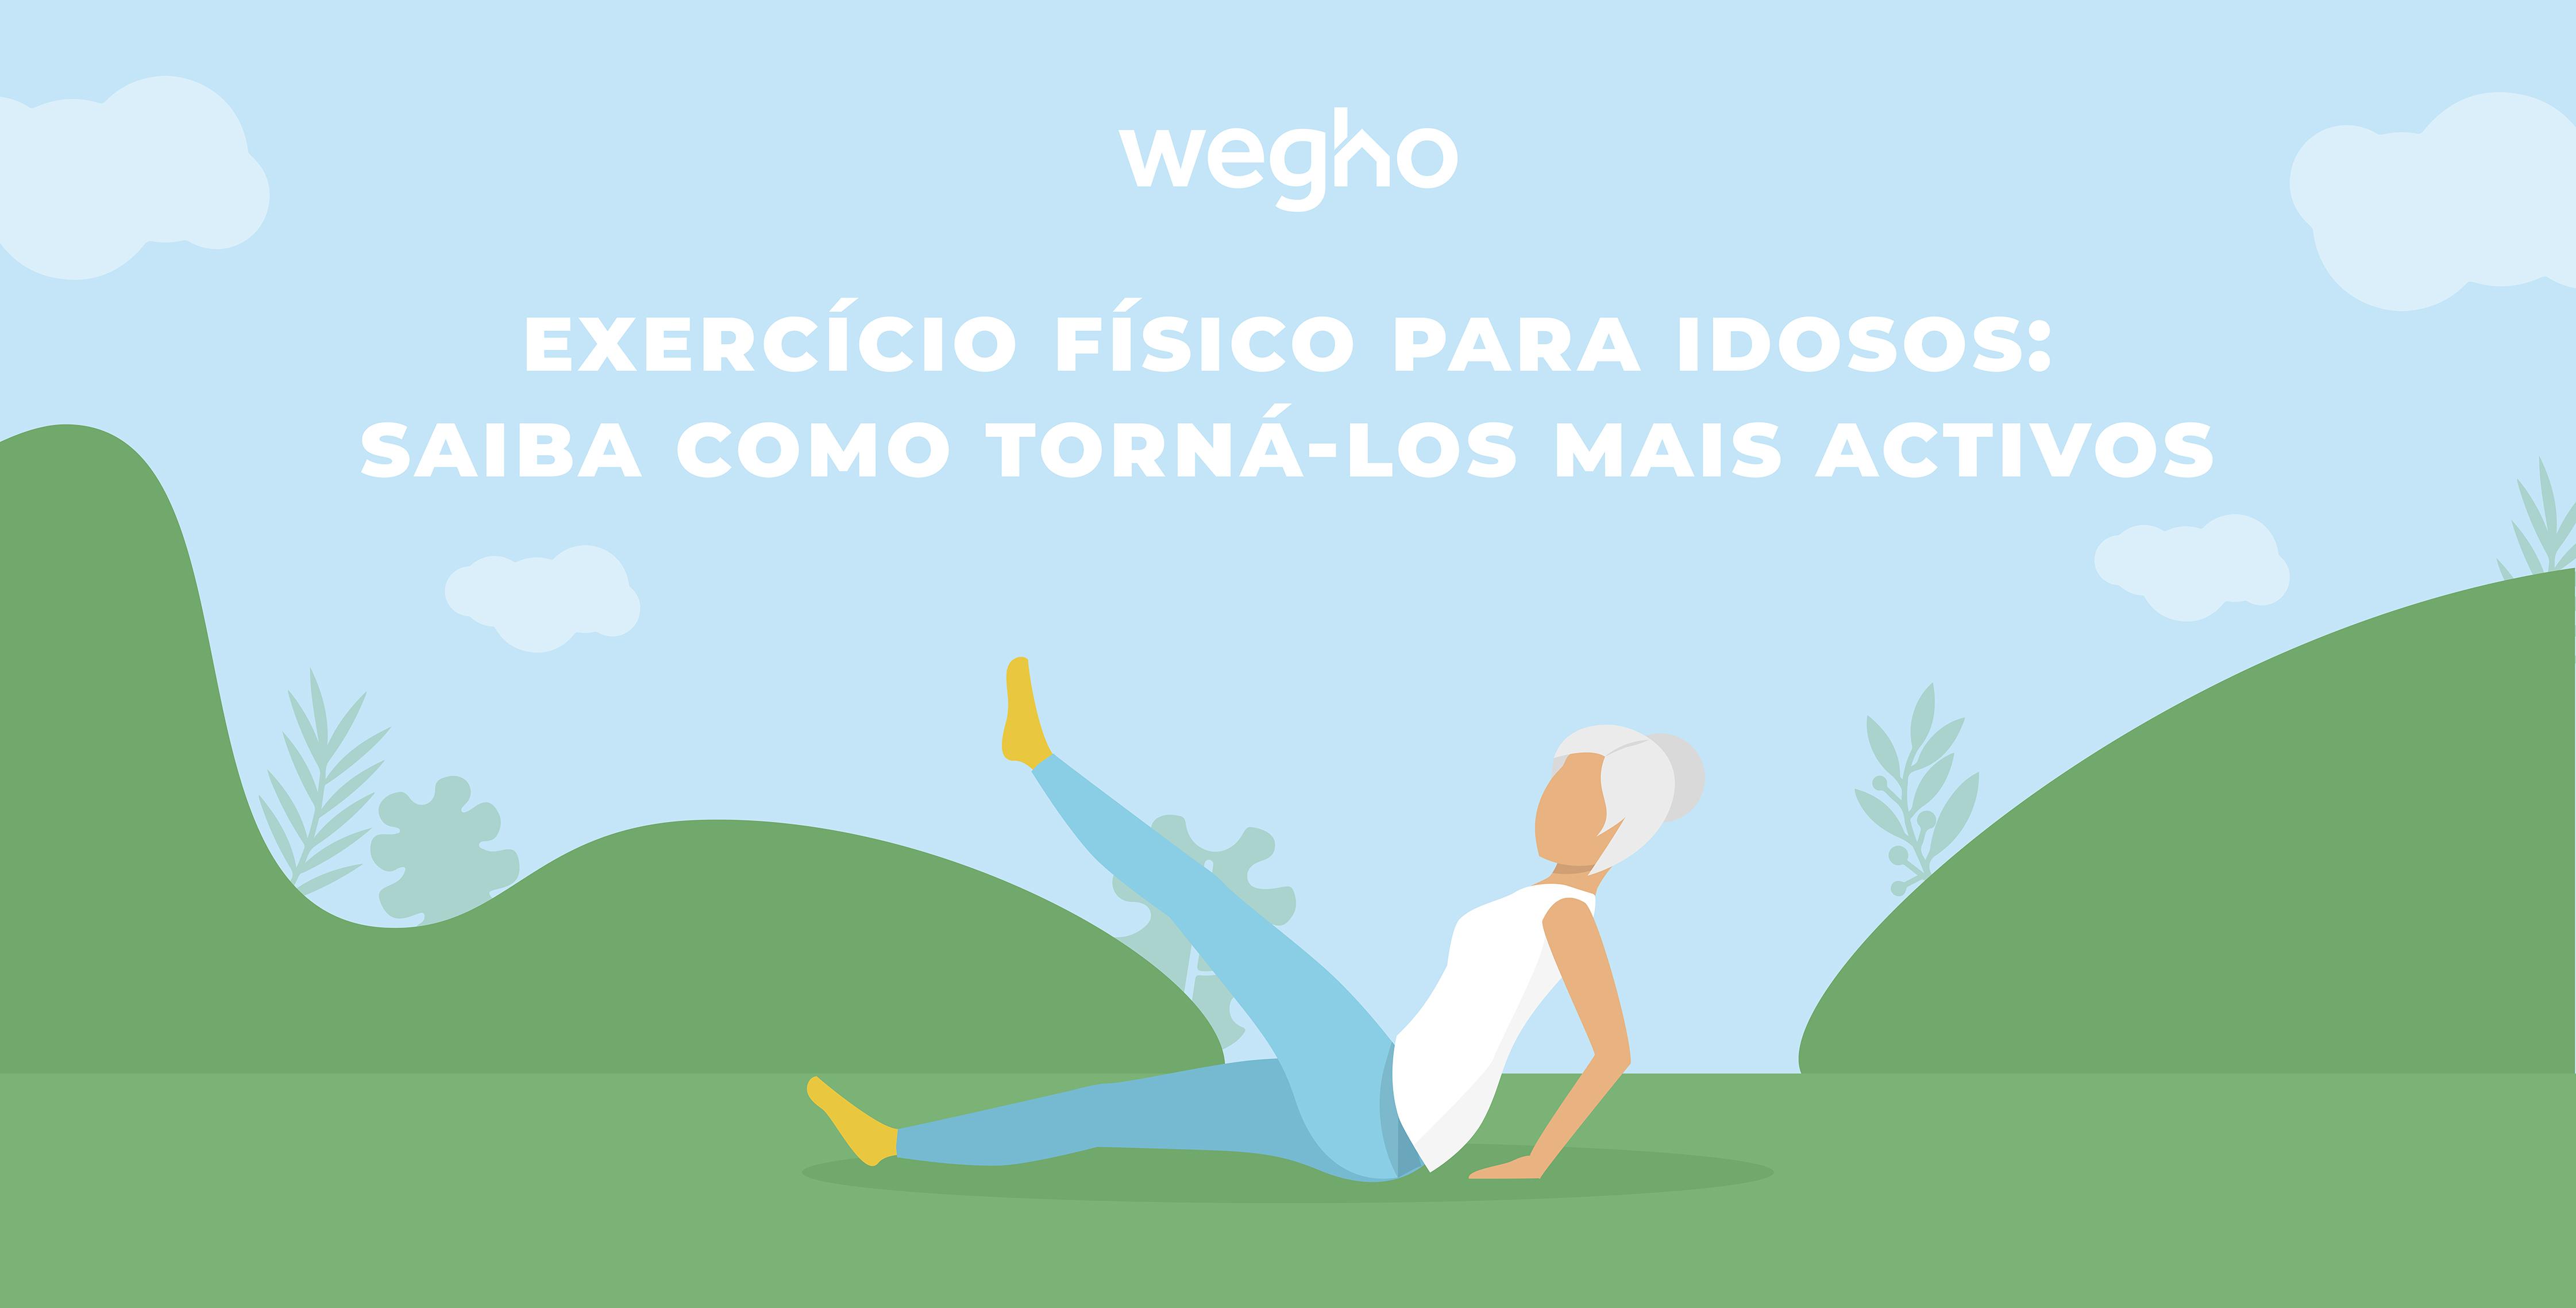 exercício físico para idosos - como manter idosos ativos - idoso a fazer exercício físico ao ar livre